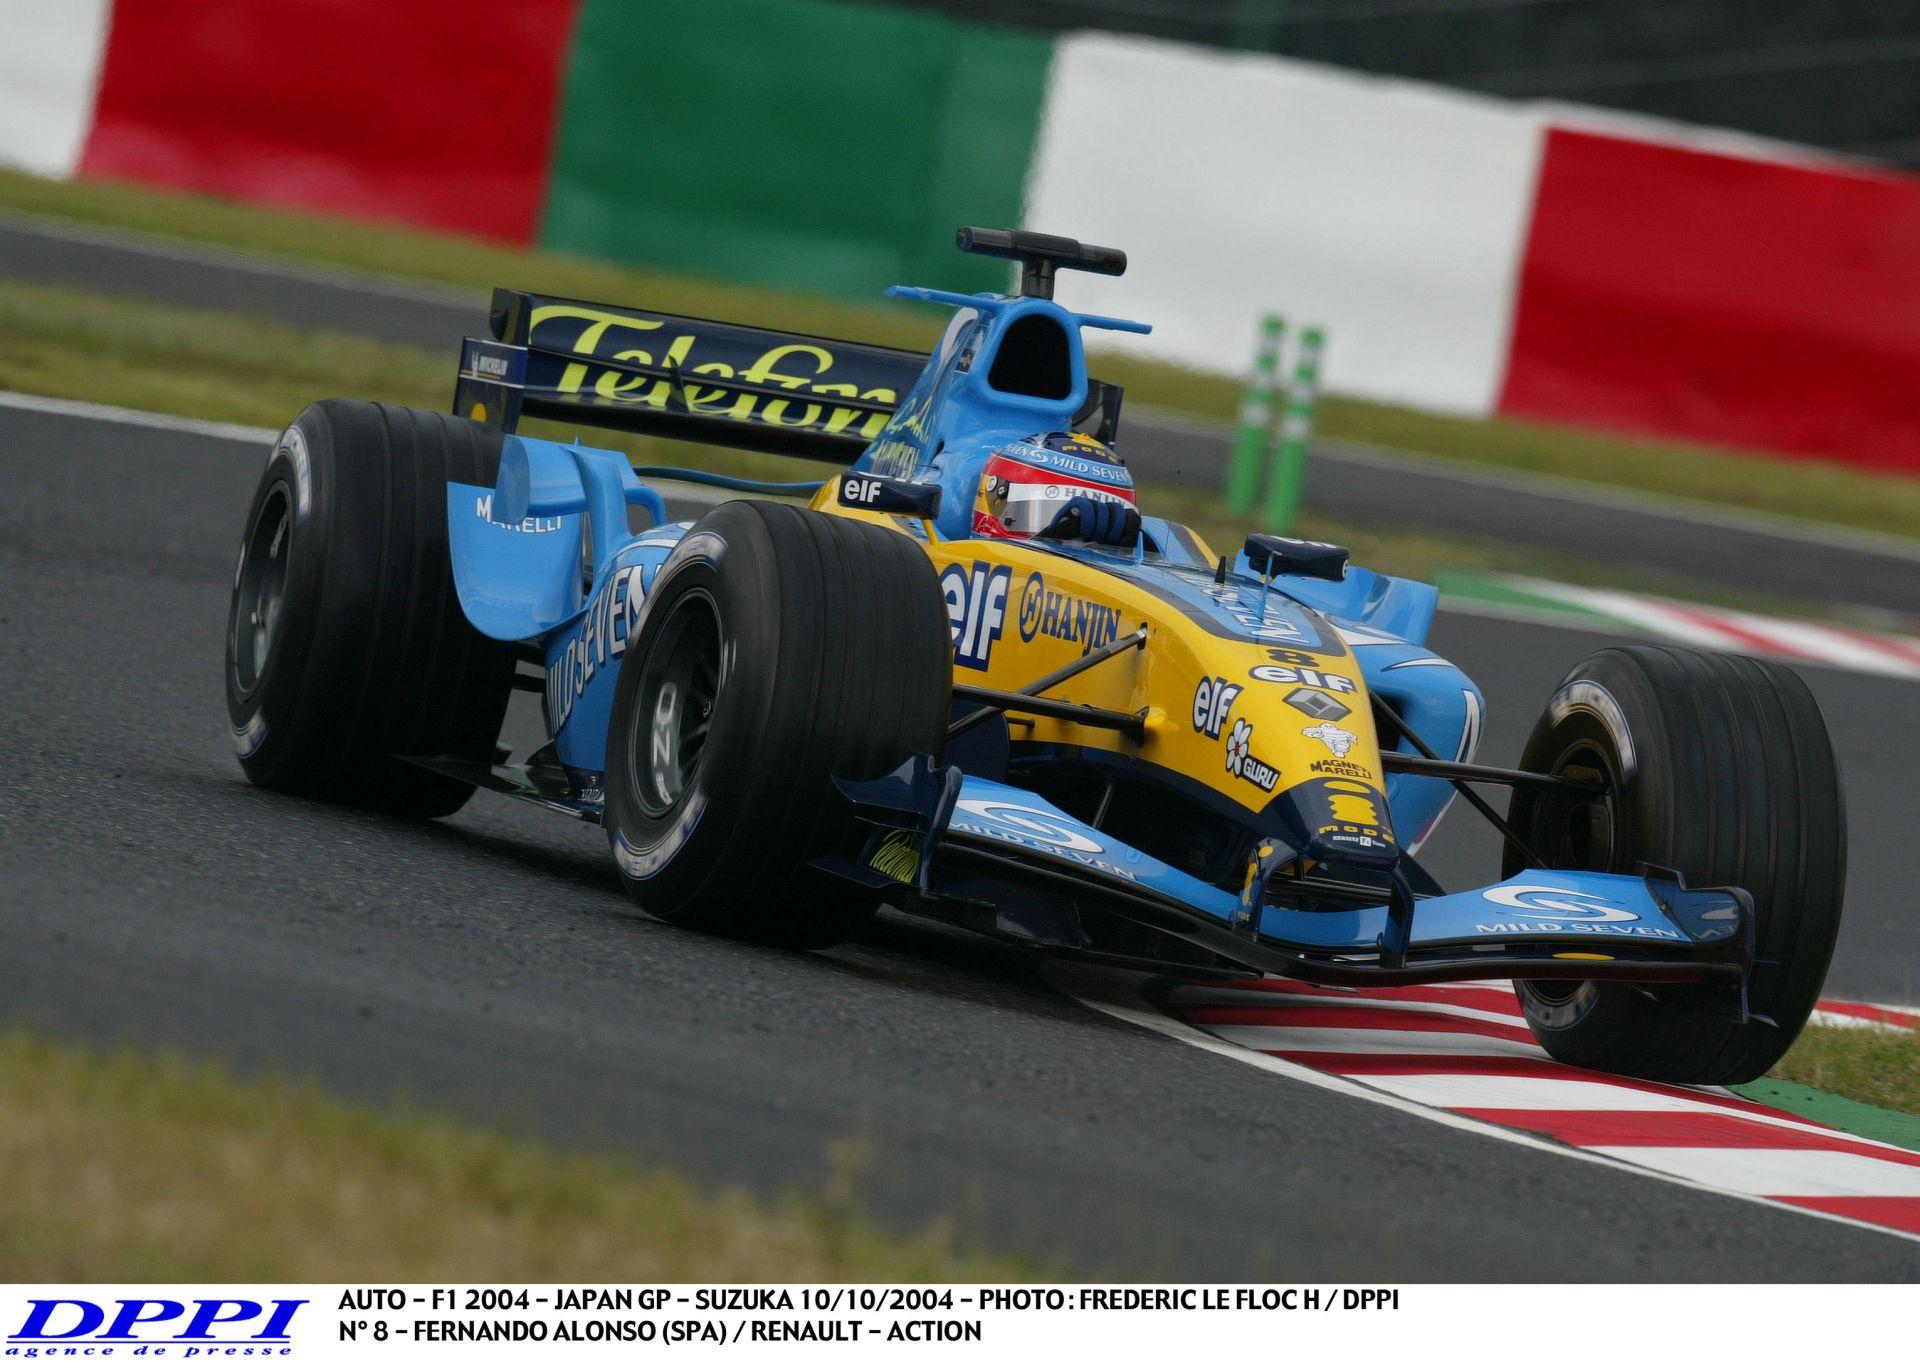 Alonso és a sikító Renault R17 Suzukából: Szenzációs képi és hangi élmény